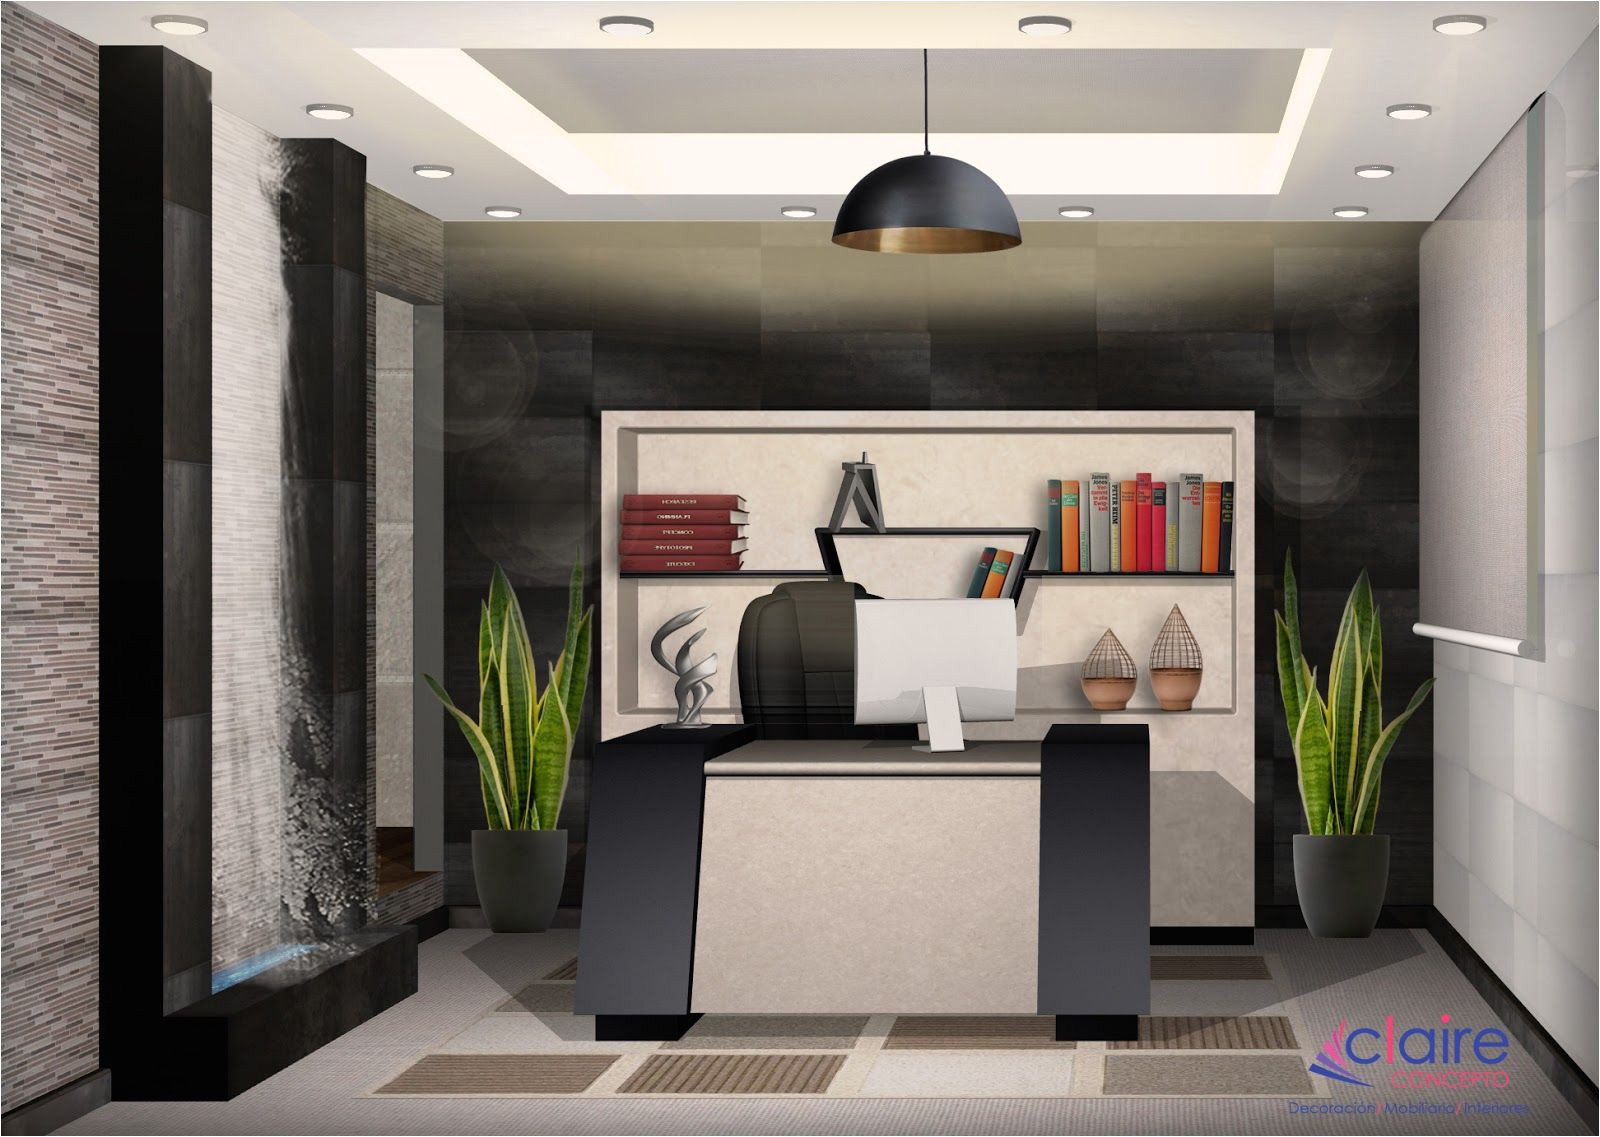 decoracion de cocinas modernas pequea as hermoso coleccia n icinas pequenas minimalistas oficinas peque as decoradas con